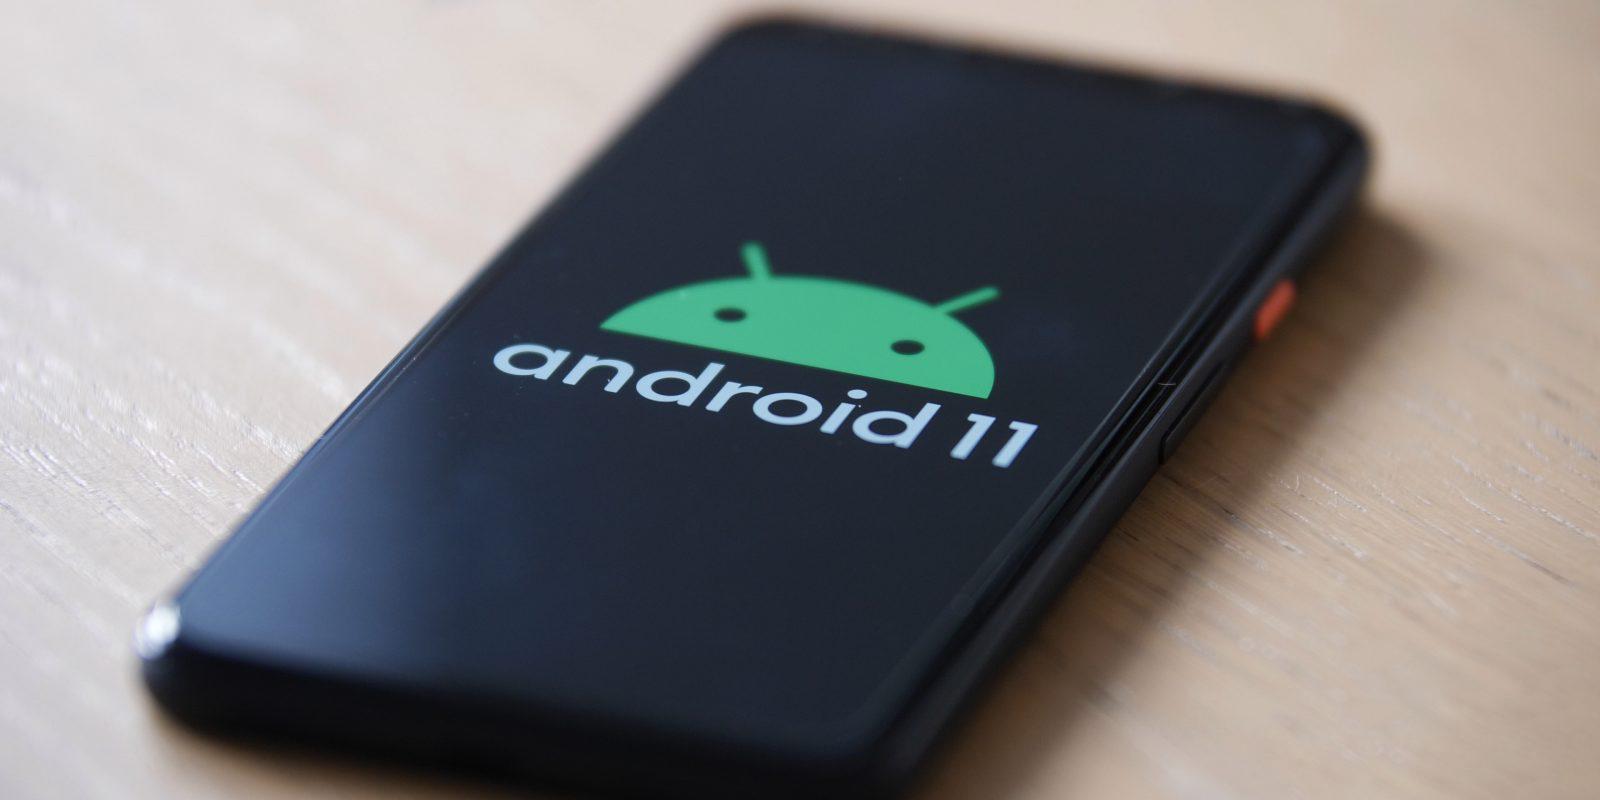 Google-k Android bikoitza probatzen du Android 11